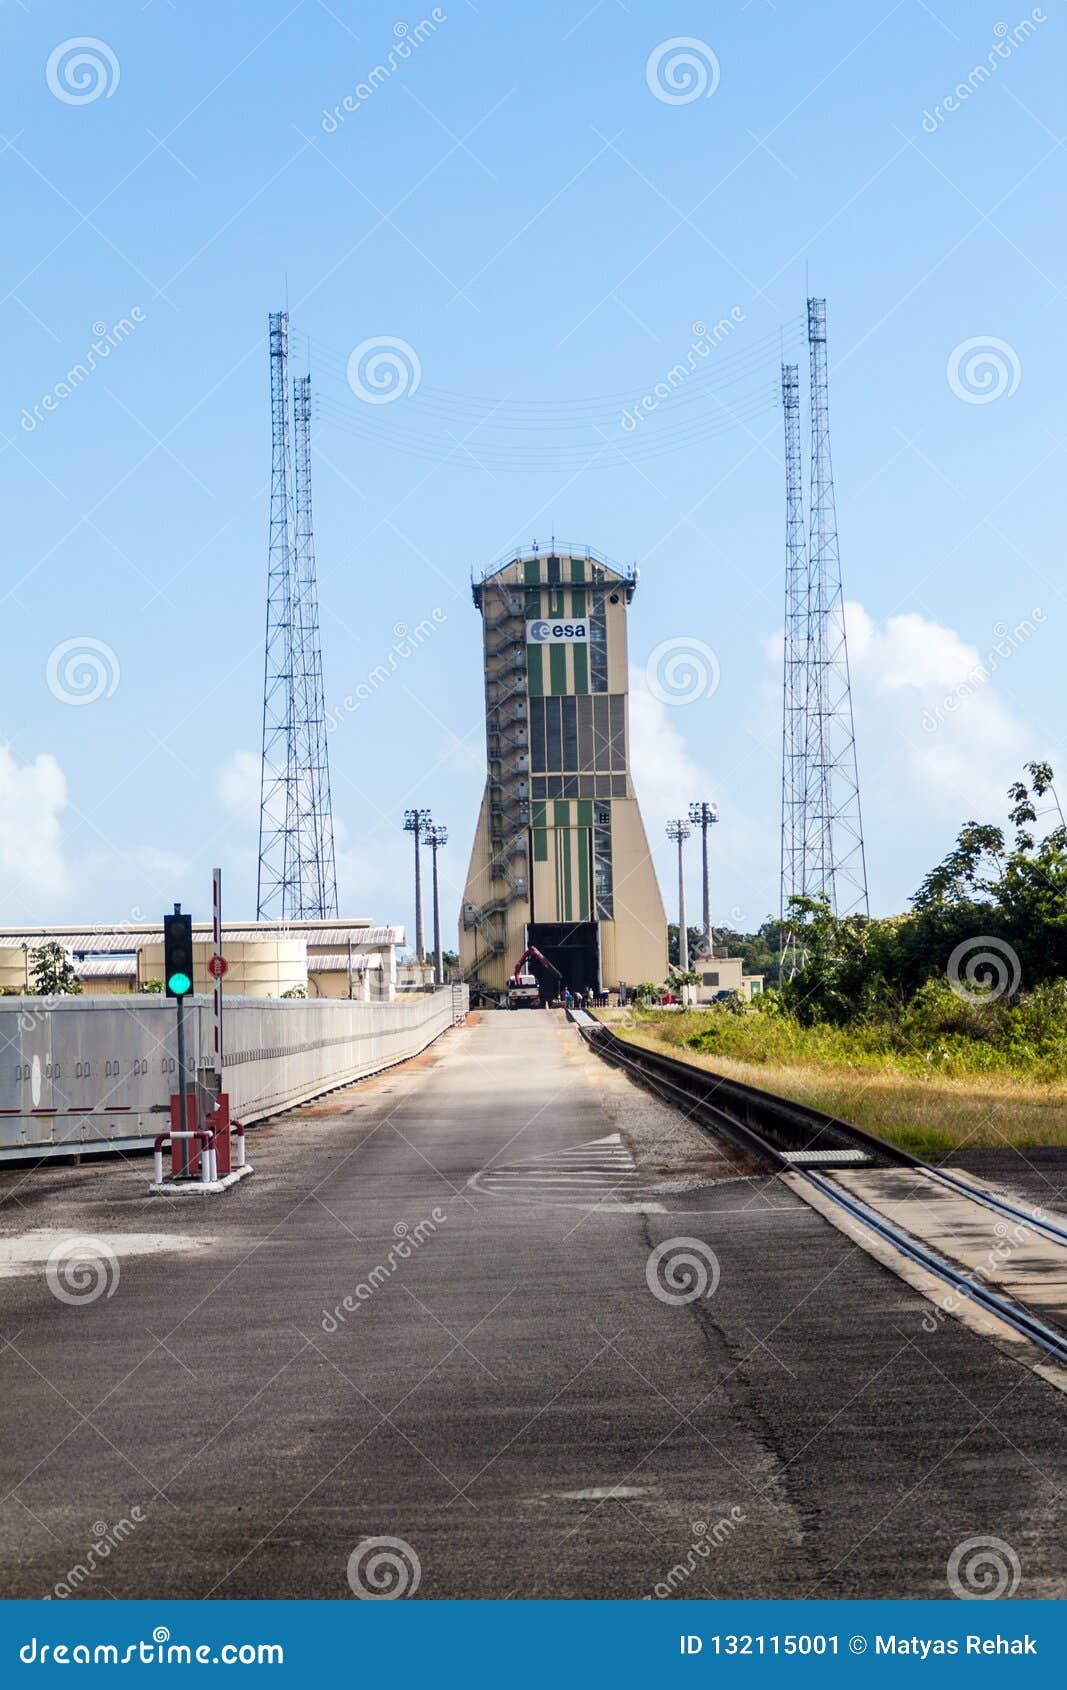 Soyuz-Produkteinführungs-Komplex in der Guayana-Raum-Mitte